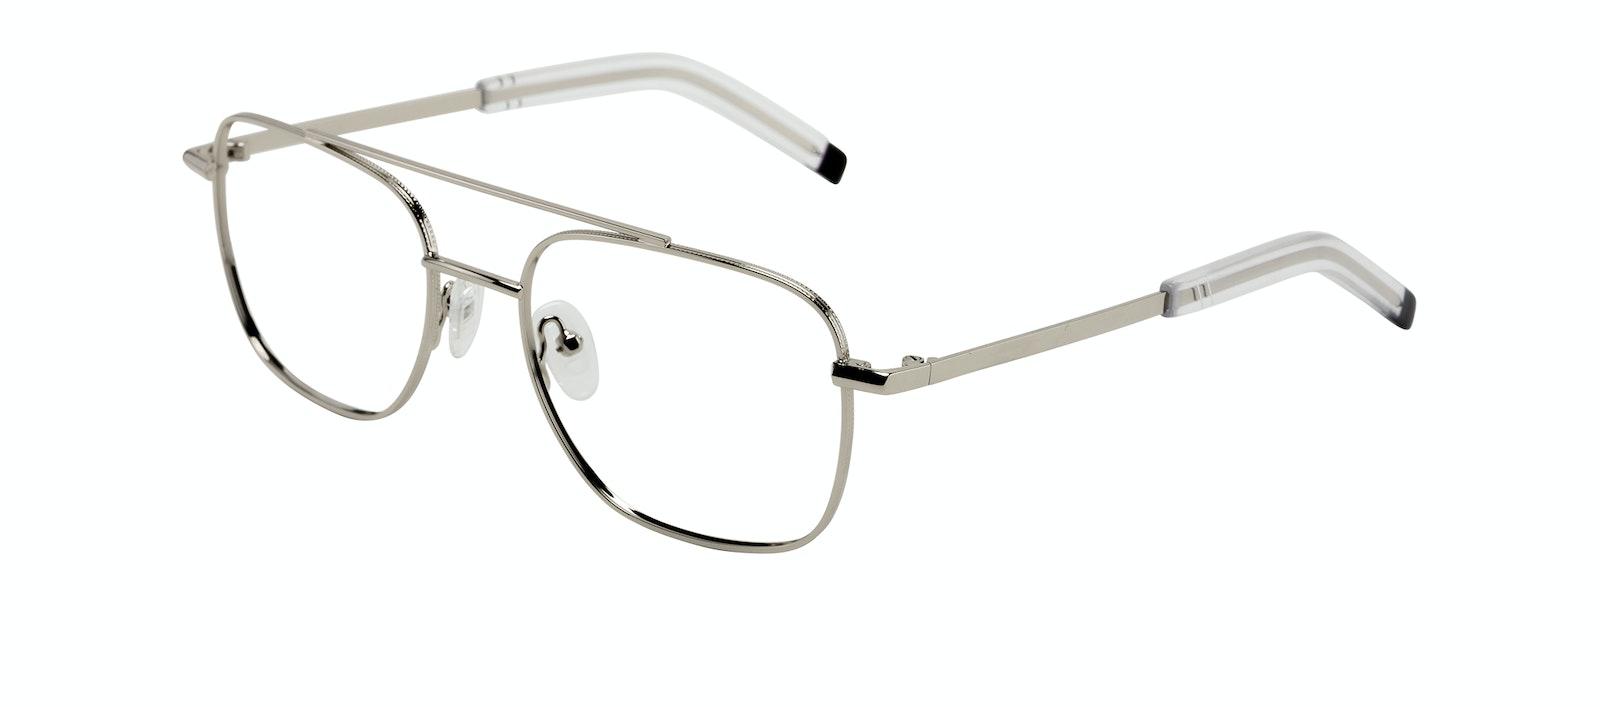 Affordable Fashion Glasses Aviator Eyeglasses Men Drift Silver Tilt